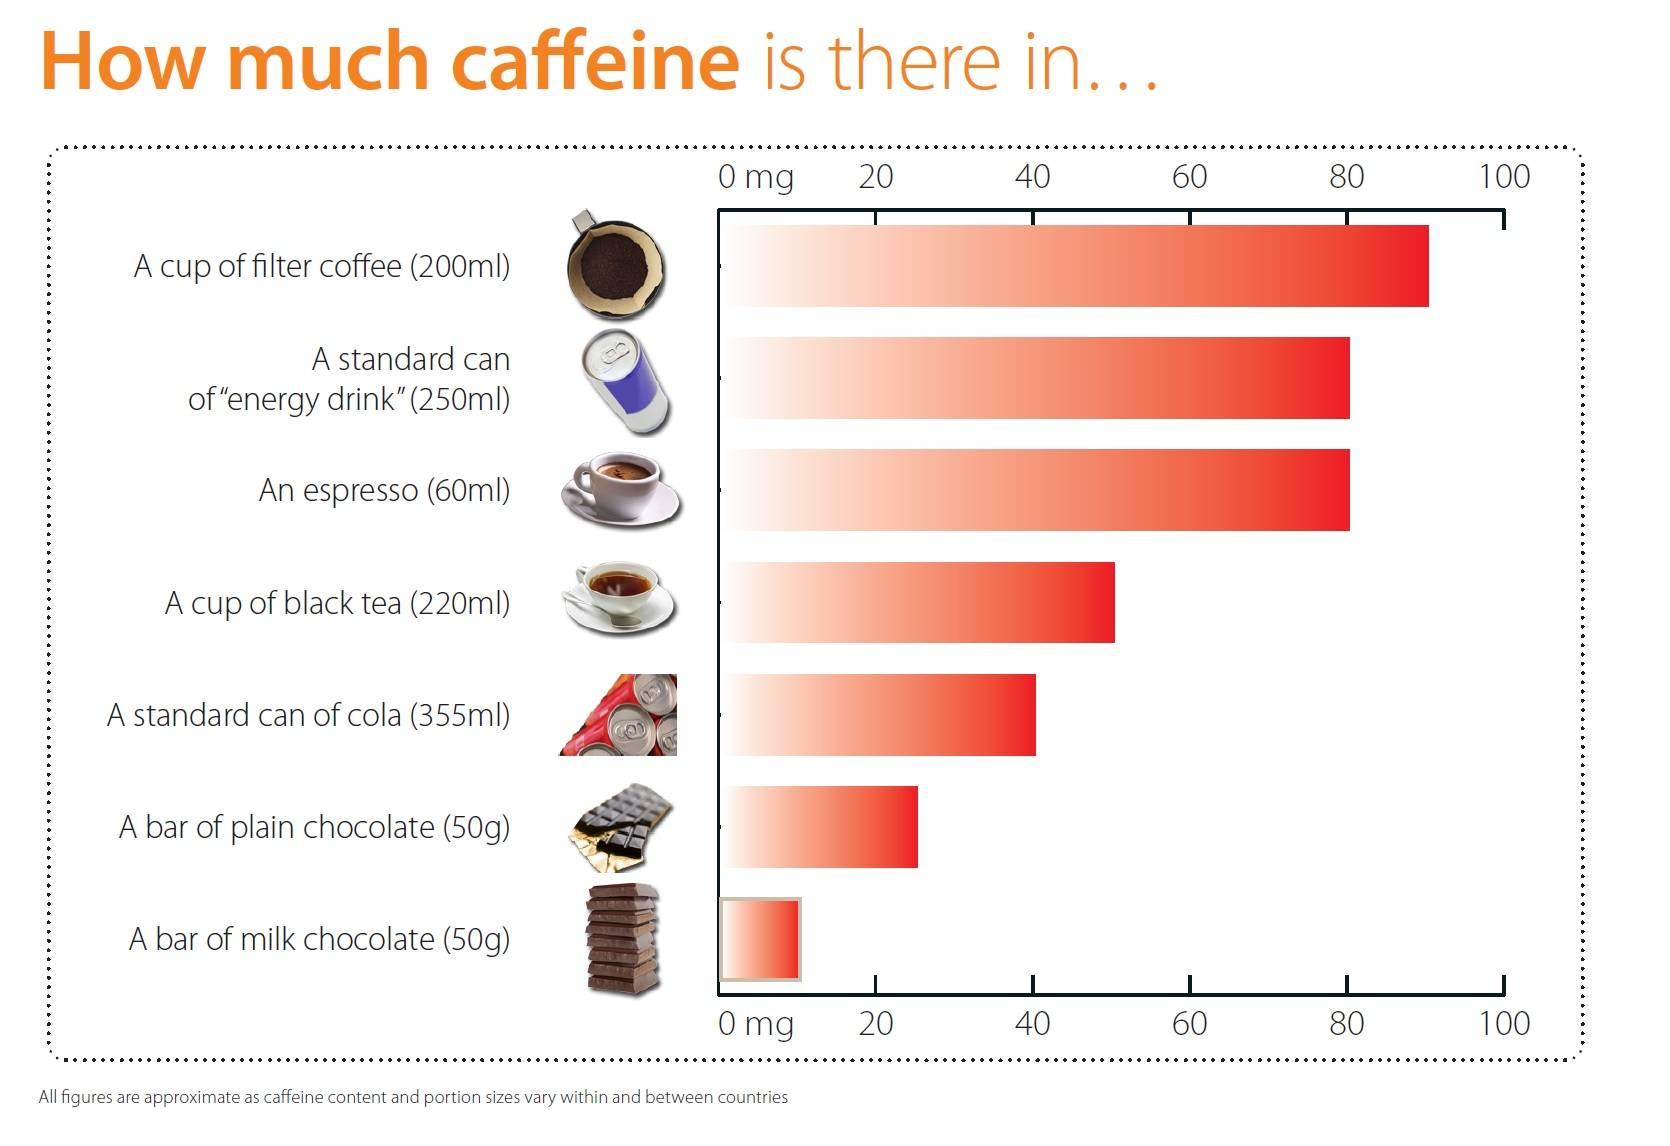 Кофеин в чае и кофе: сколько содержится, сравнение